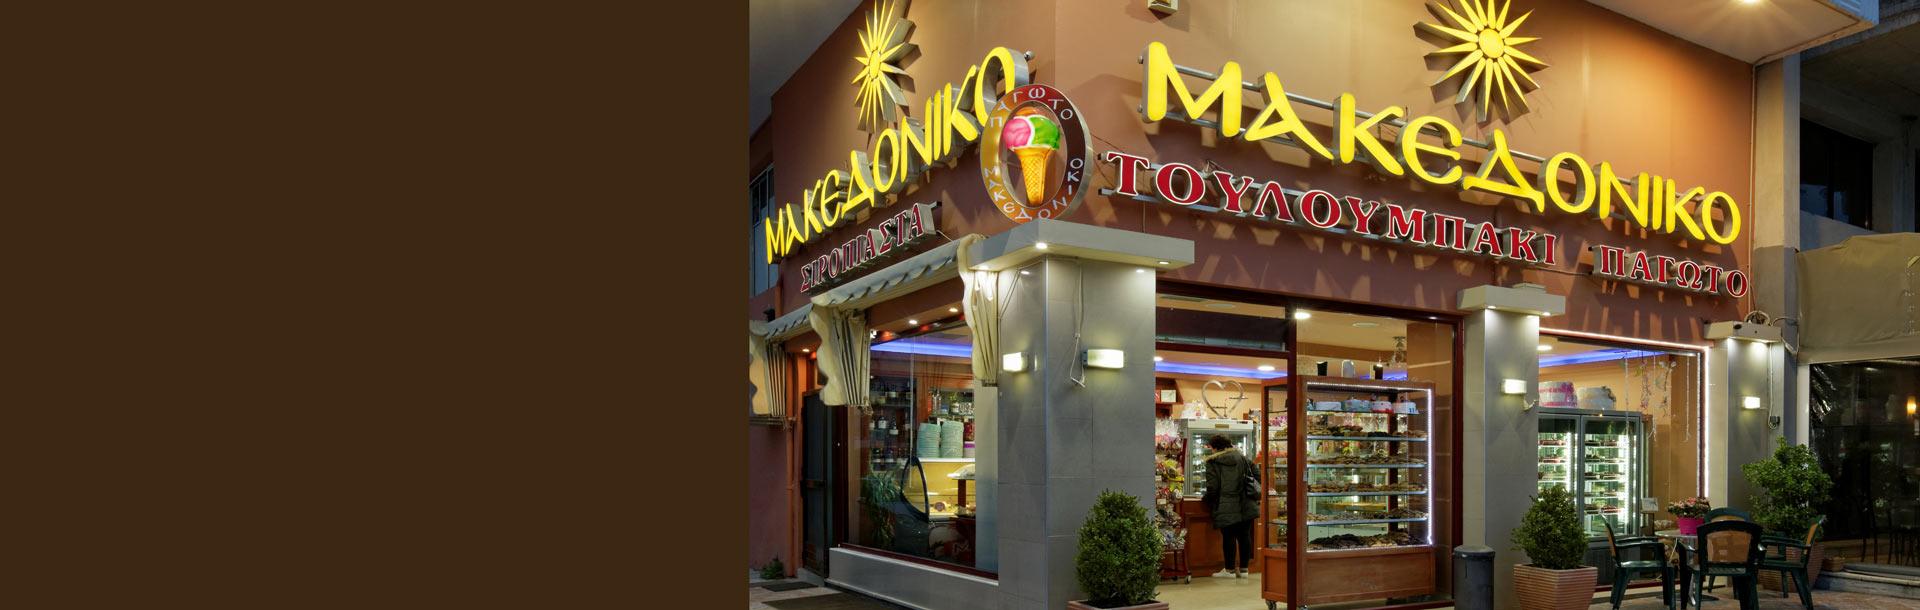 Το Κατάστημα | Ζαχαροπλαστείο Μακεδονικό